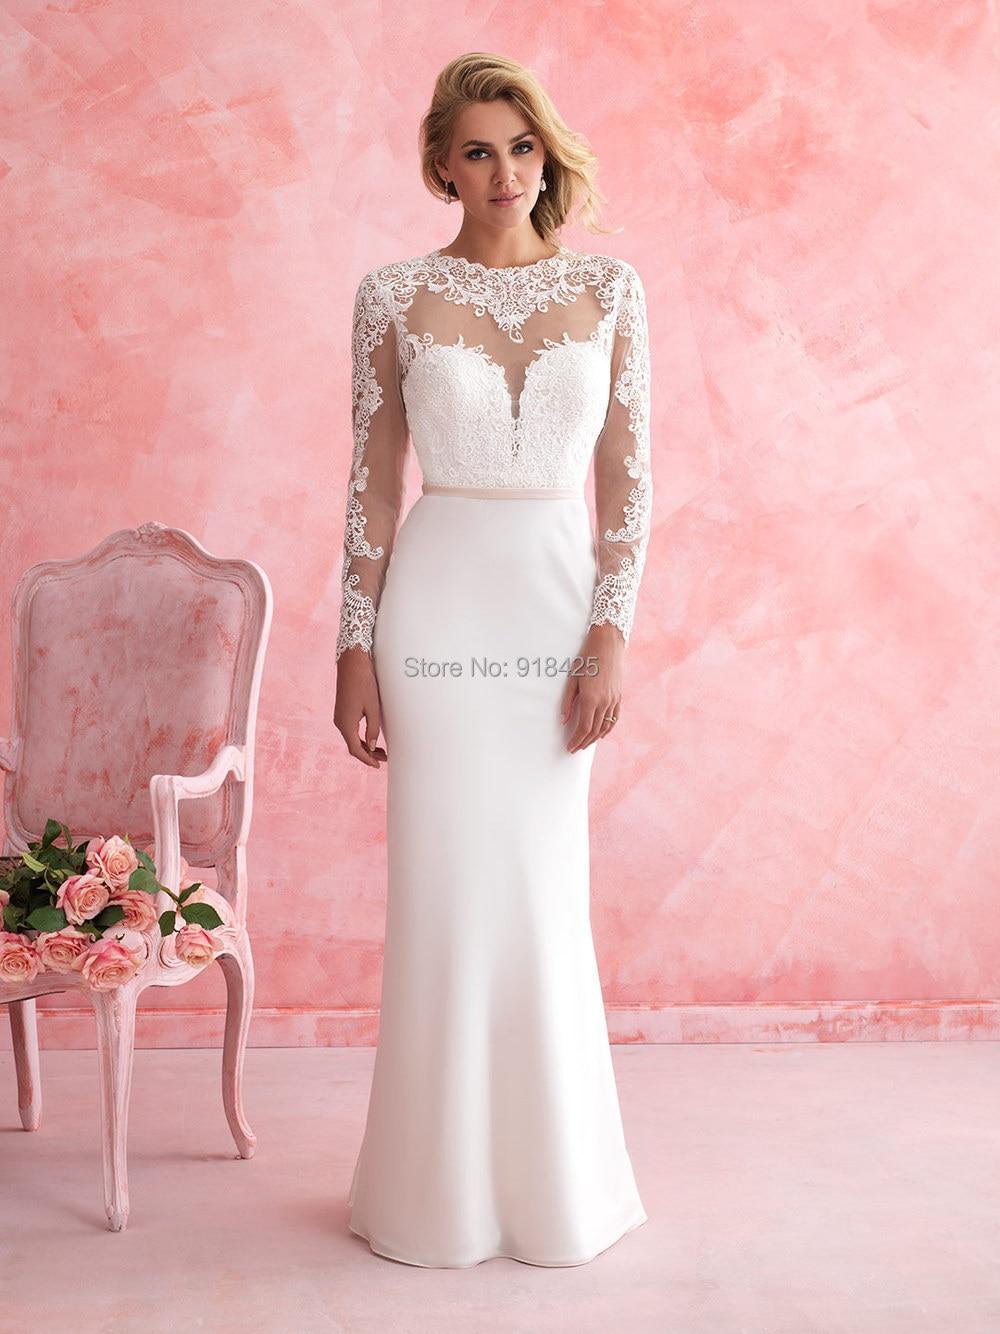 New Fashion High Neck Sheath Long Sleeves Bridal Gown Wedding ...